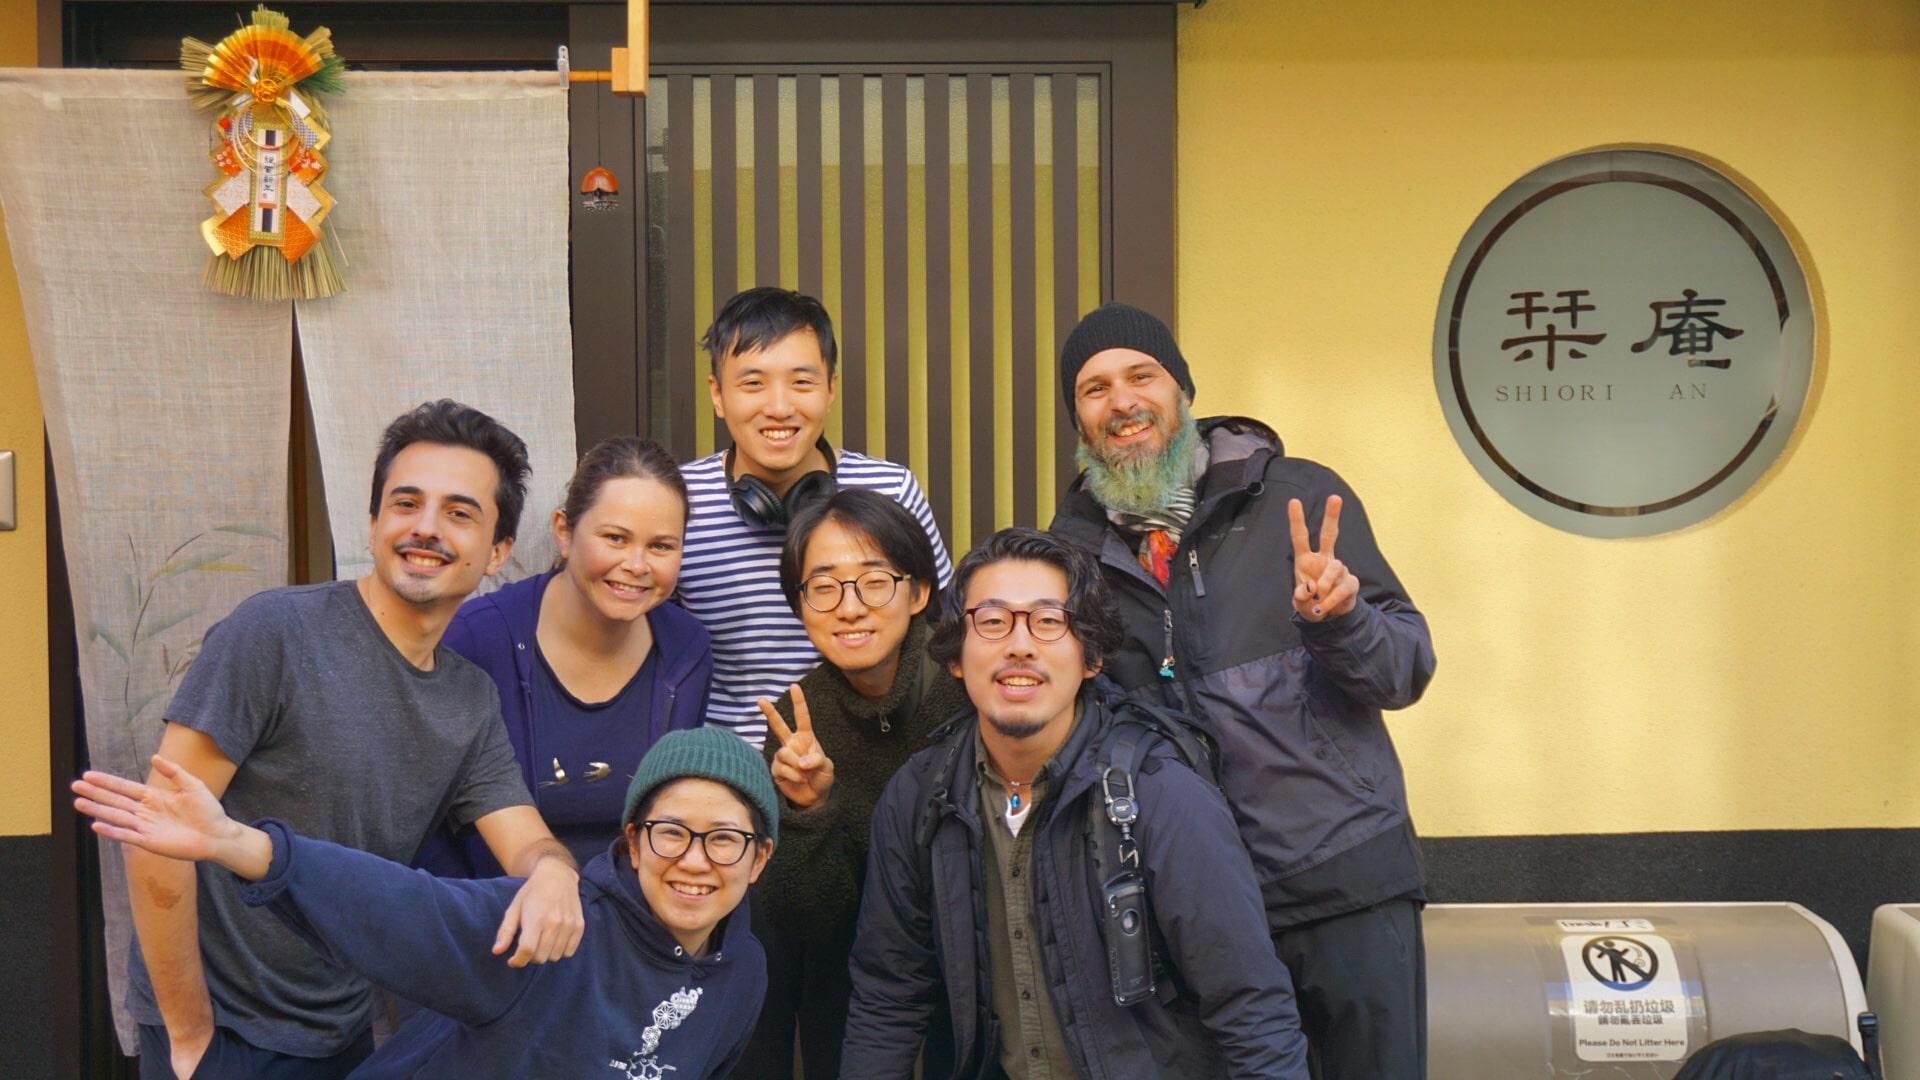 |京都|ゲストハウス|京都のゲストハウスで楽しく働きませんか?(夜勤&清掃スタッフ募集!)